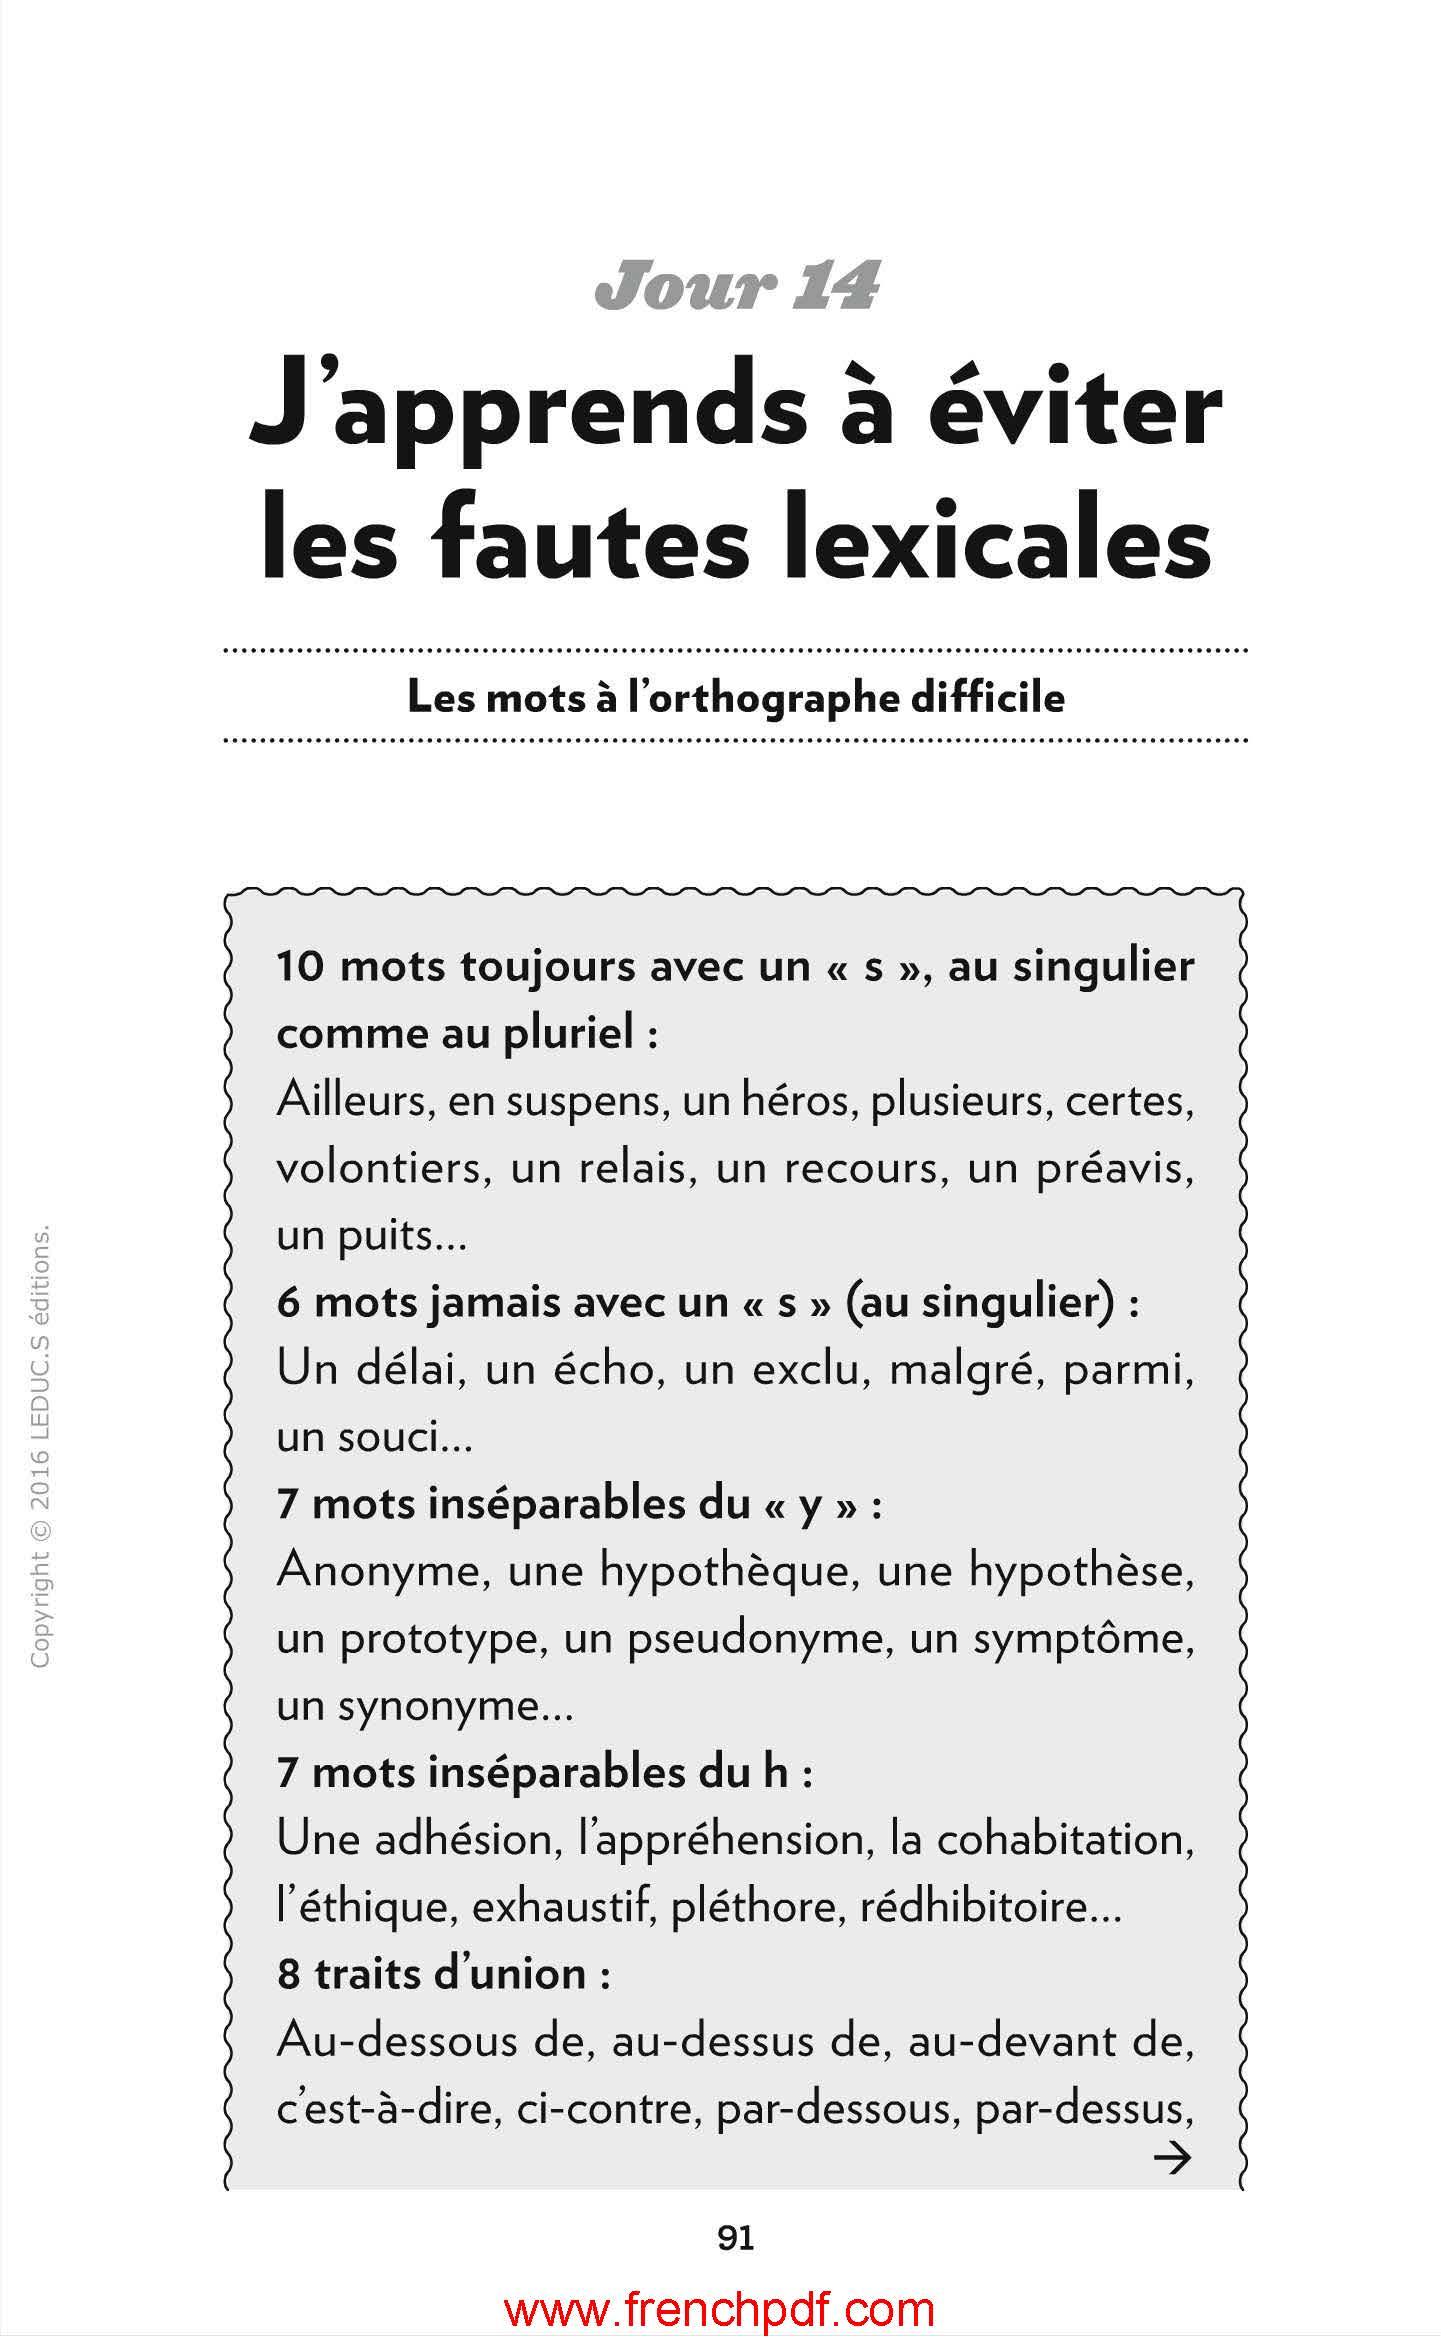 Ebook français grauit : L'anti-fautes de français pdf 4